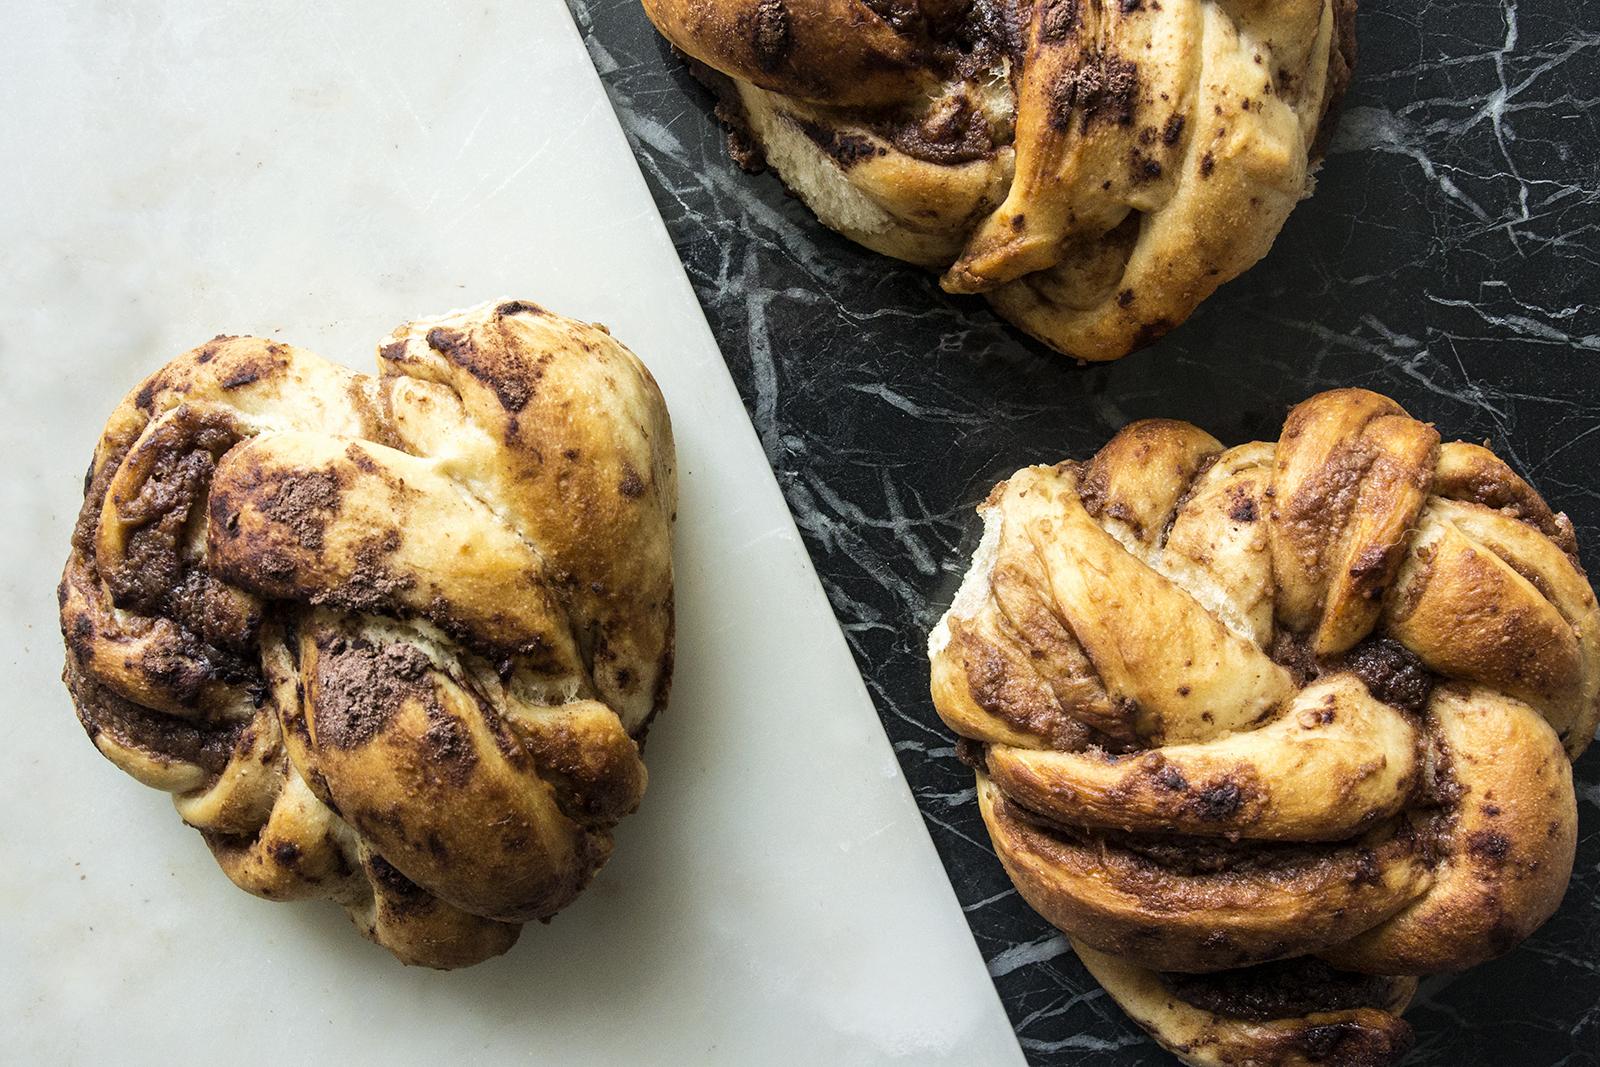 Chocolate knot – Petits pains à la noisette et au chocolat